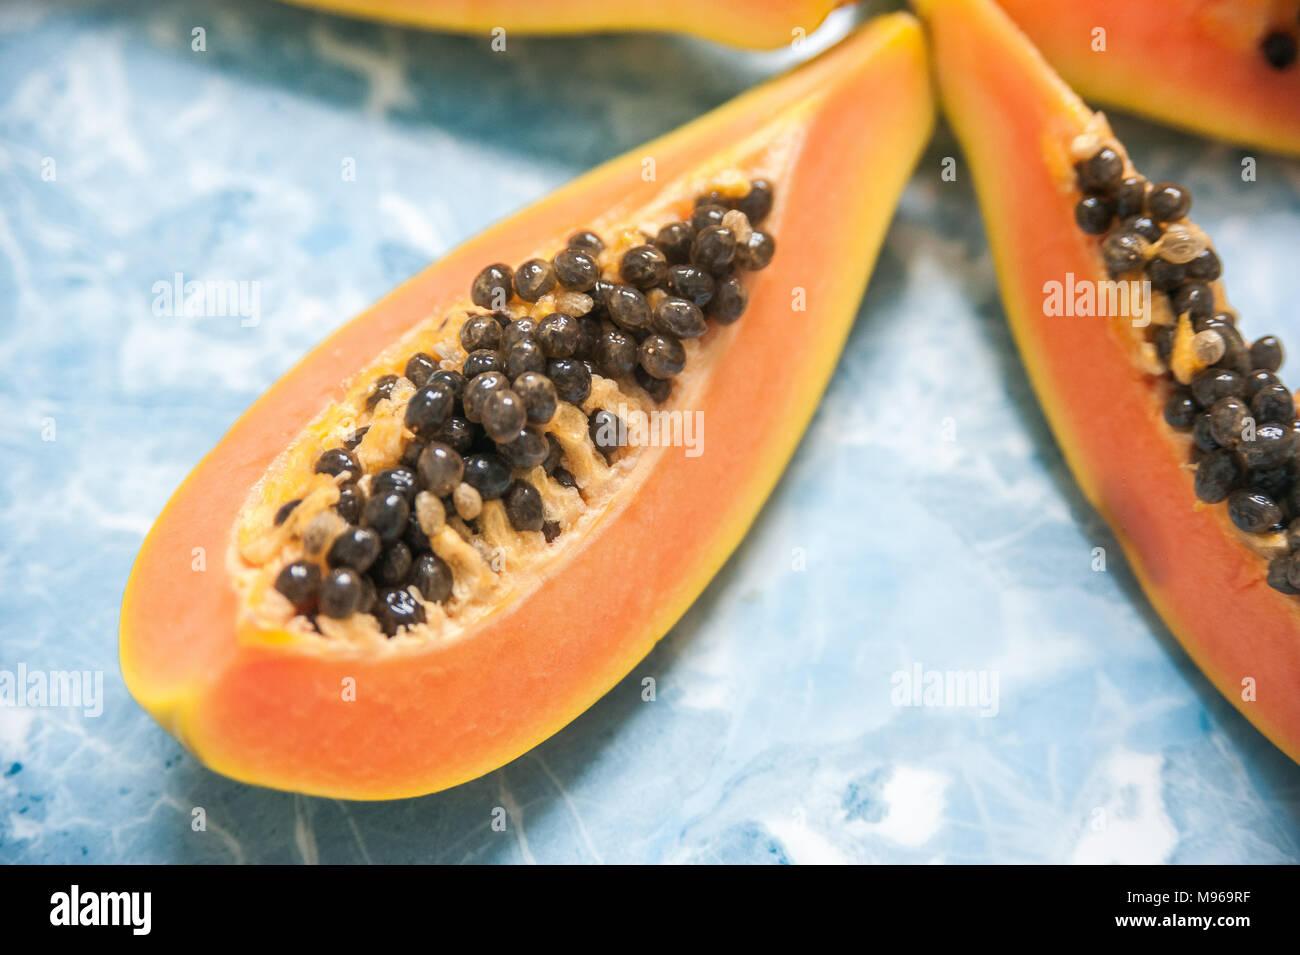 Jugosas rebanadas de papaya madura sobre un fondo azul. Frutas exóticas, comida saludable. Foto de stock